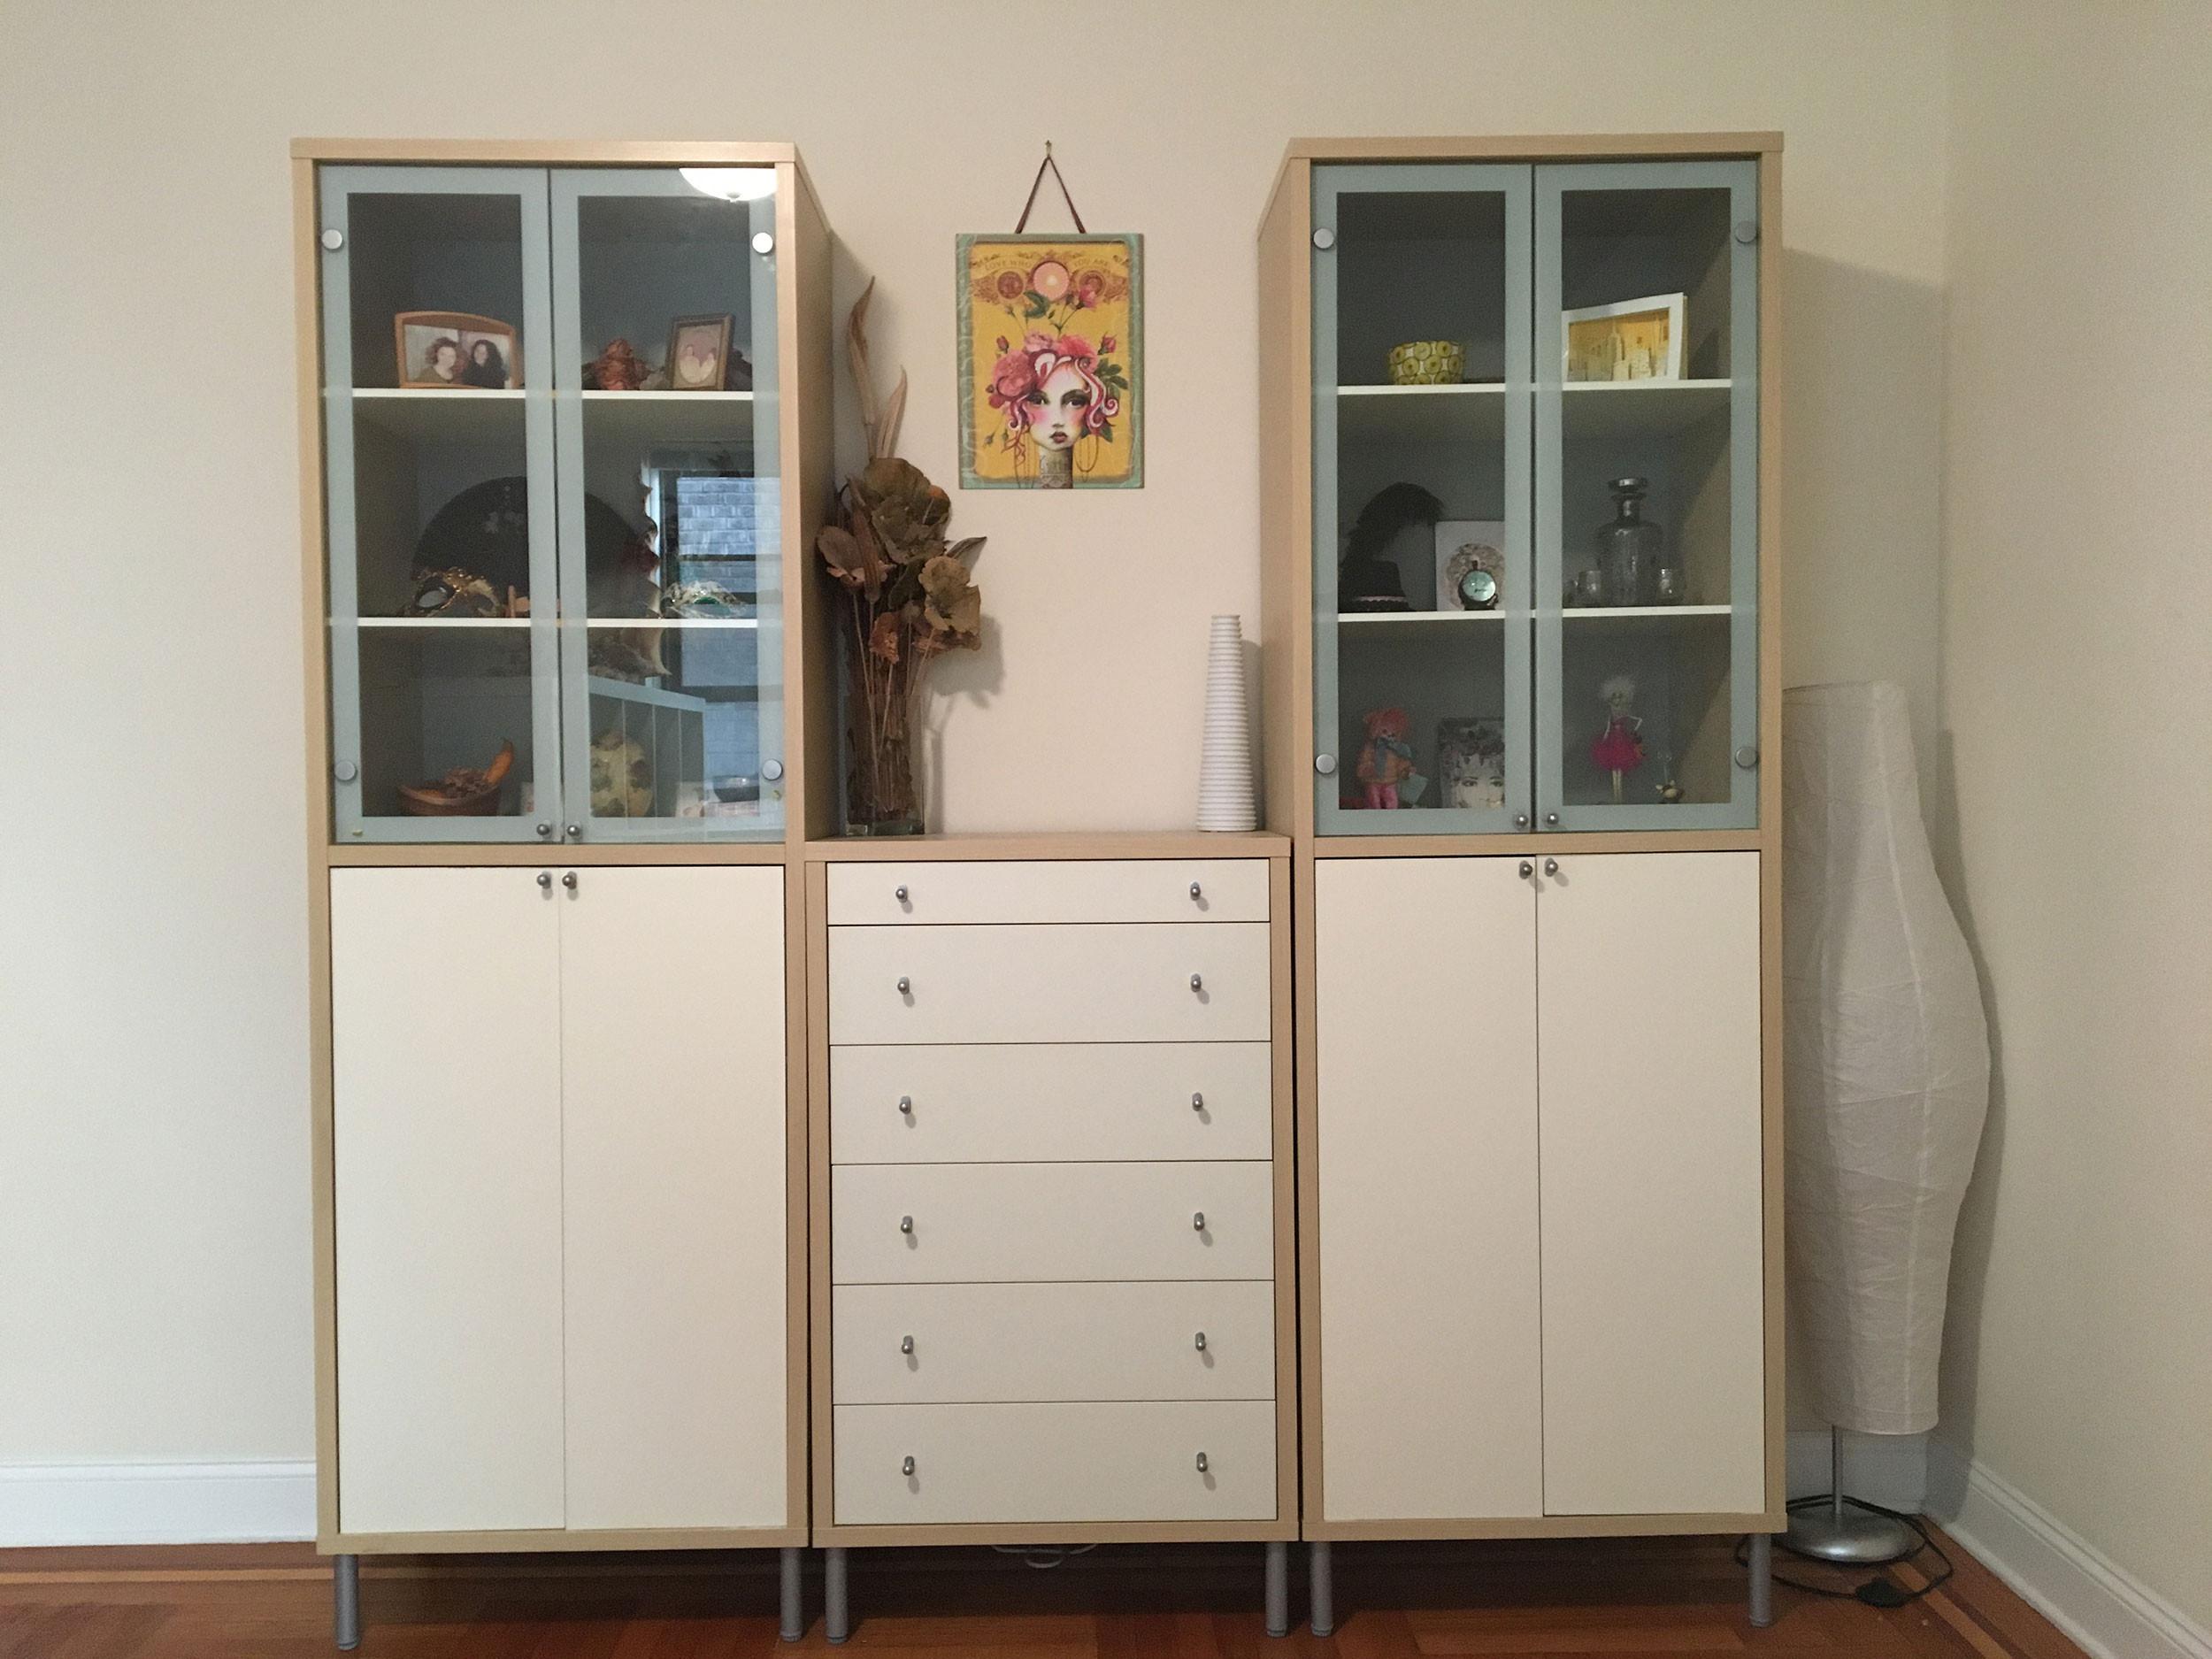 Ikea Magiker Tall Cabinets w/ Dresser